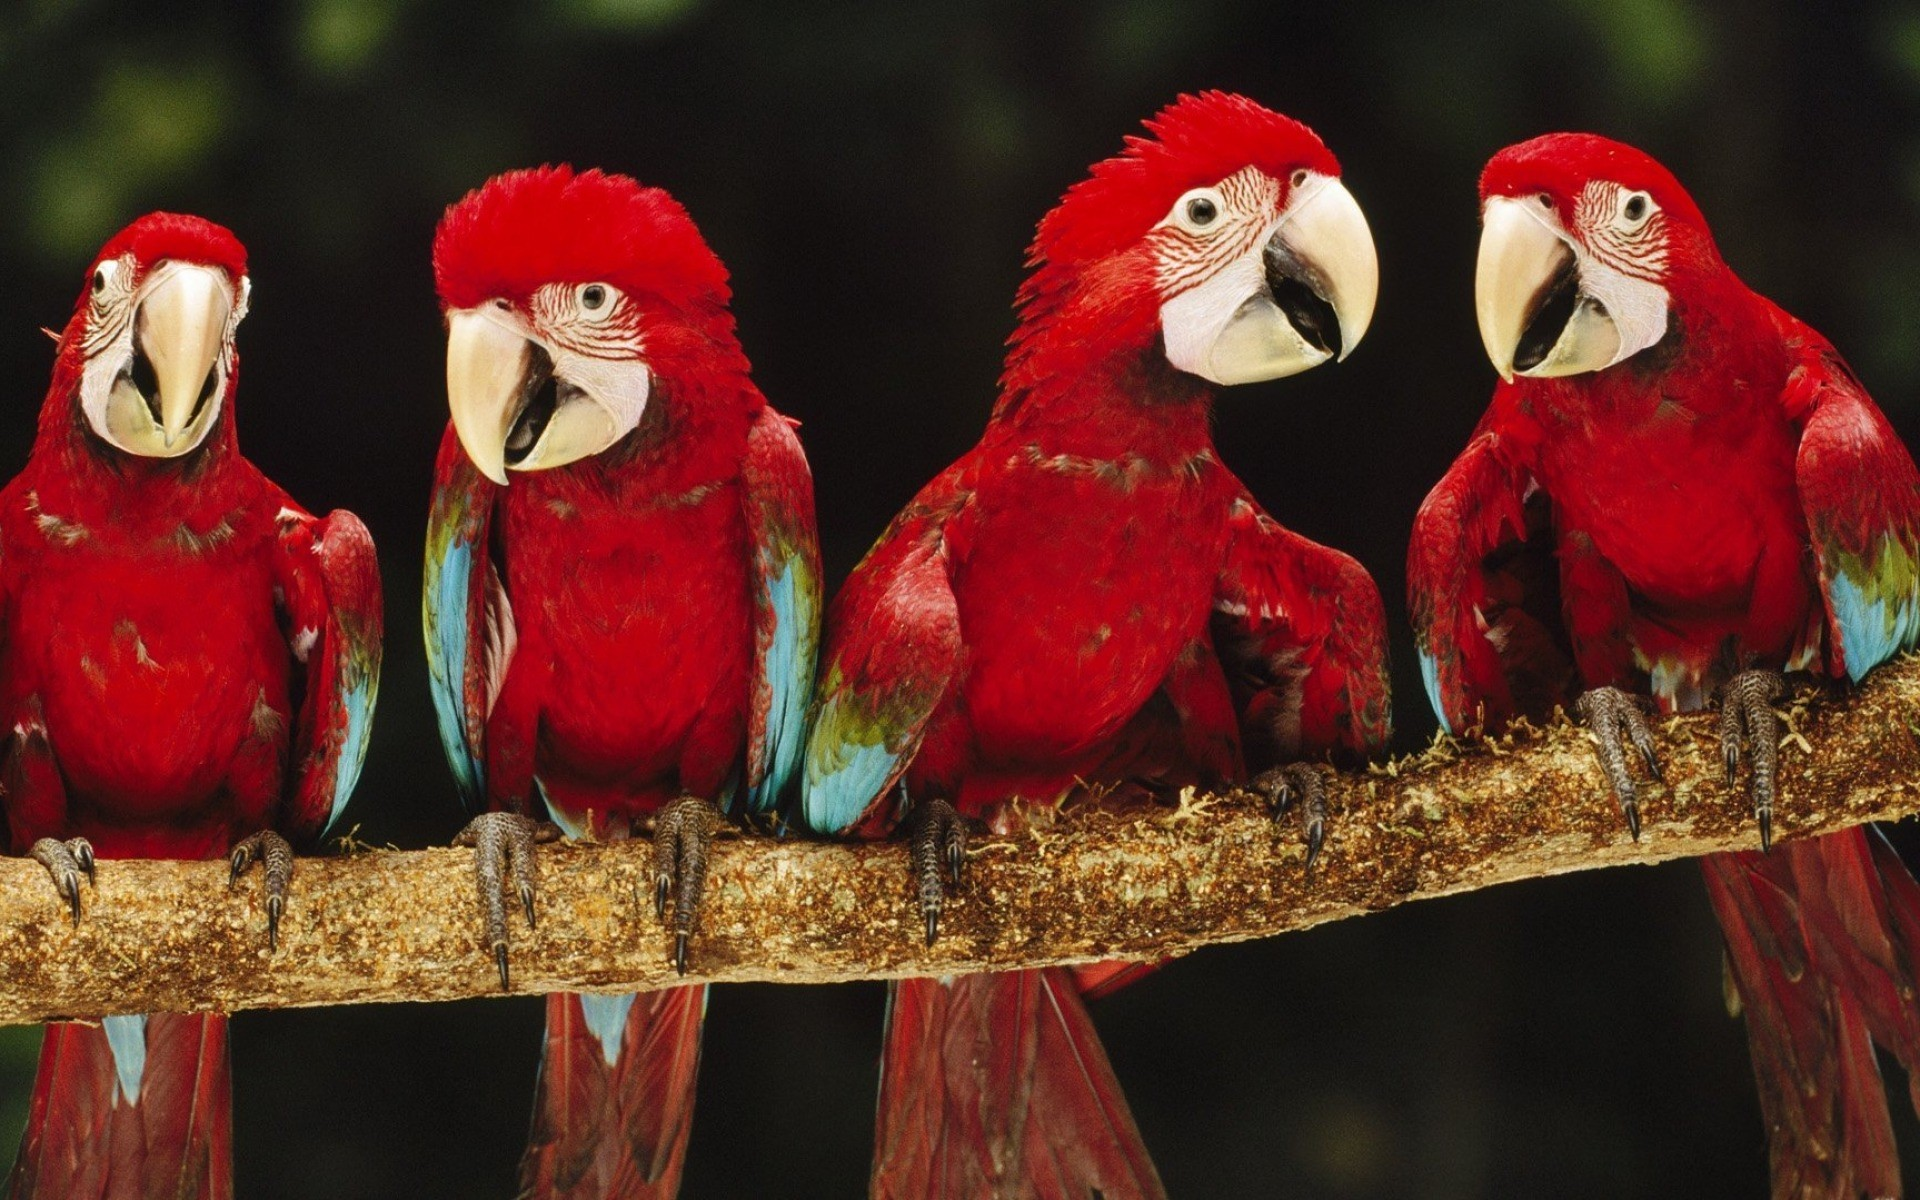 картинки четыре птицы костровые чаши